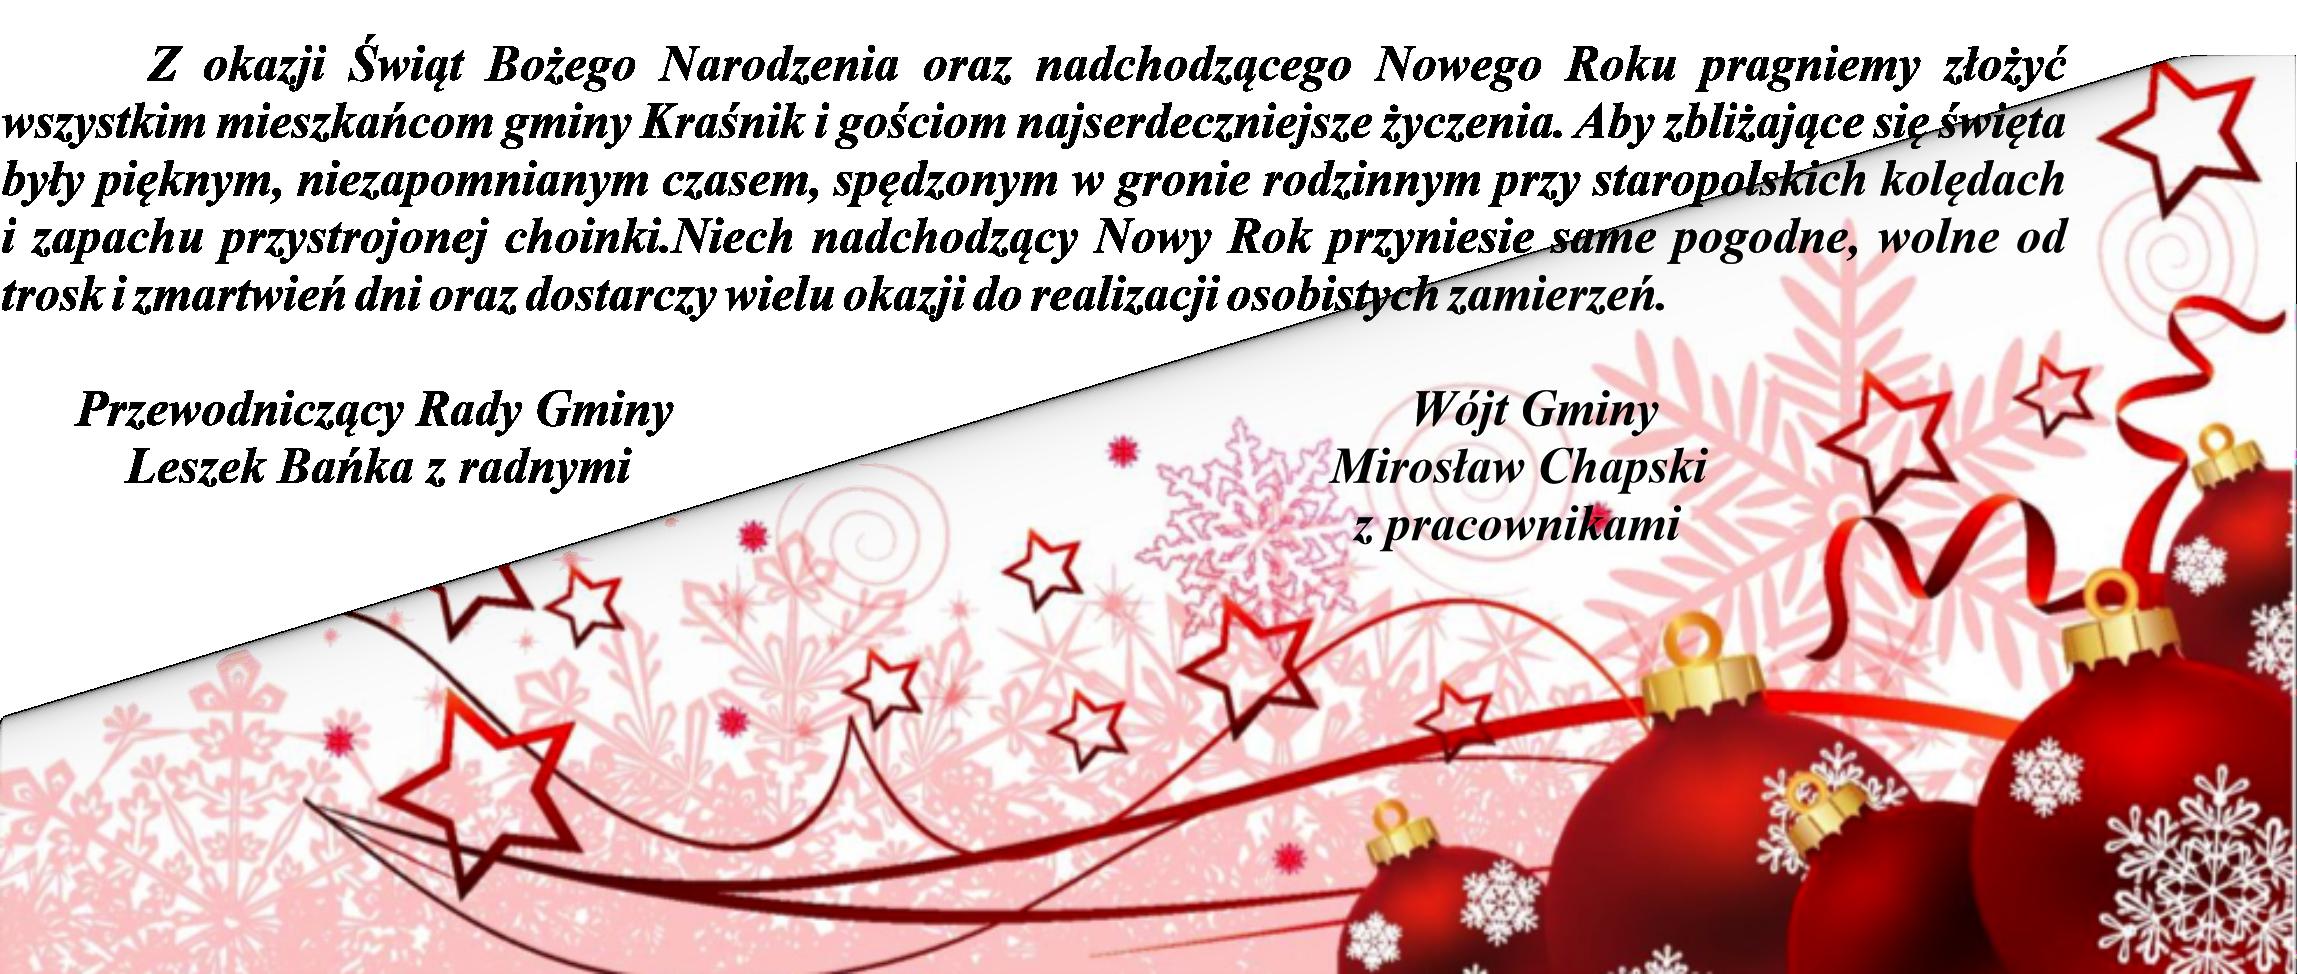 Życzenia z okazji Świąt Bożego Narodzenia oraz nadchodzącego Nowego Roku 2021